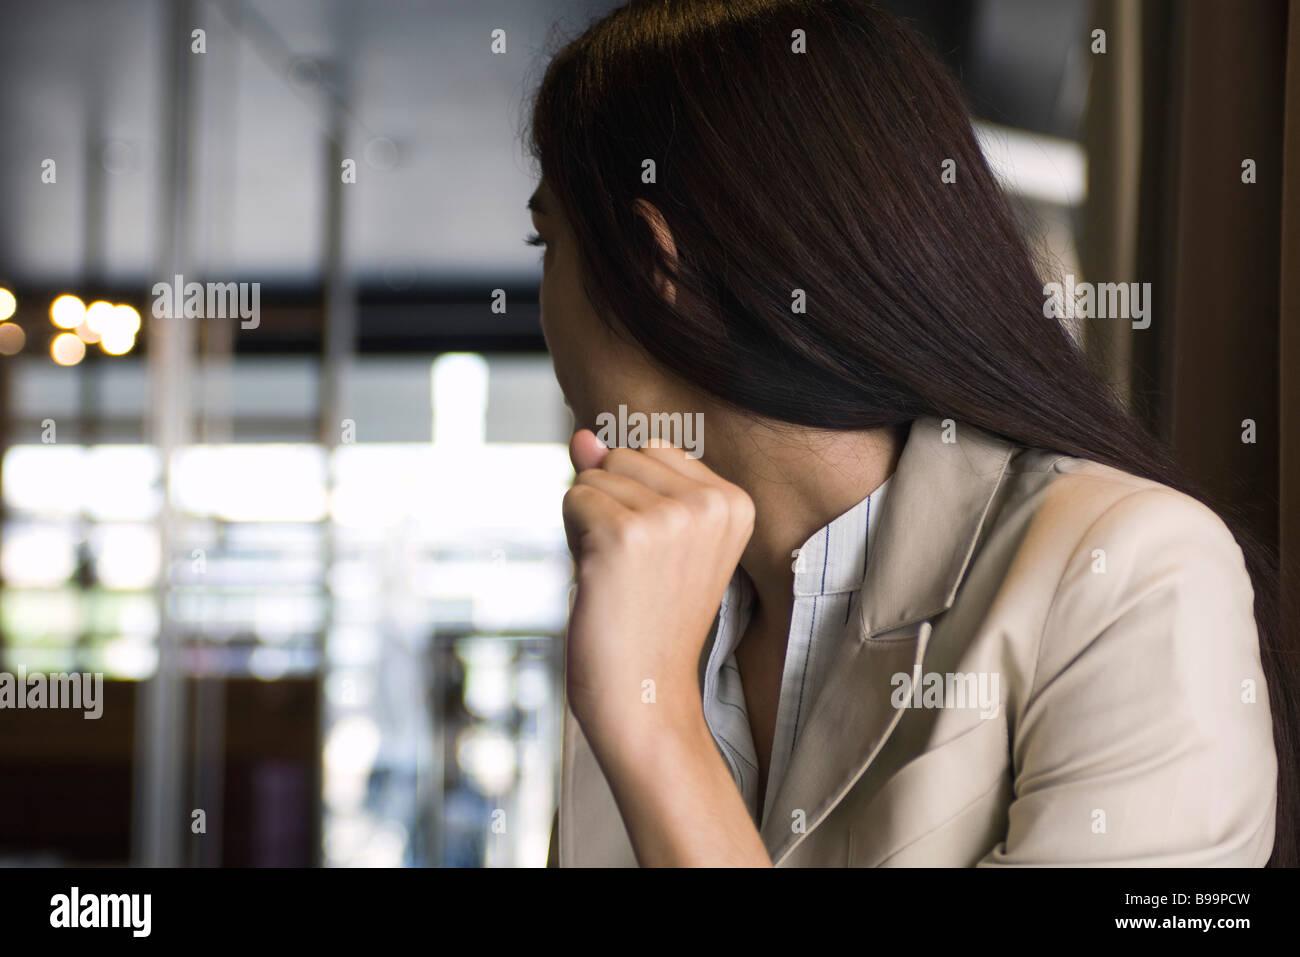 Young woman in a restaurant, looking over shoulder toward door - Stock Image